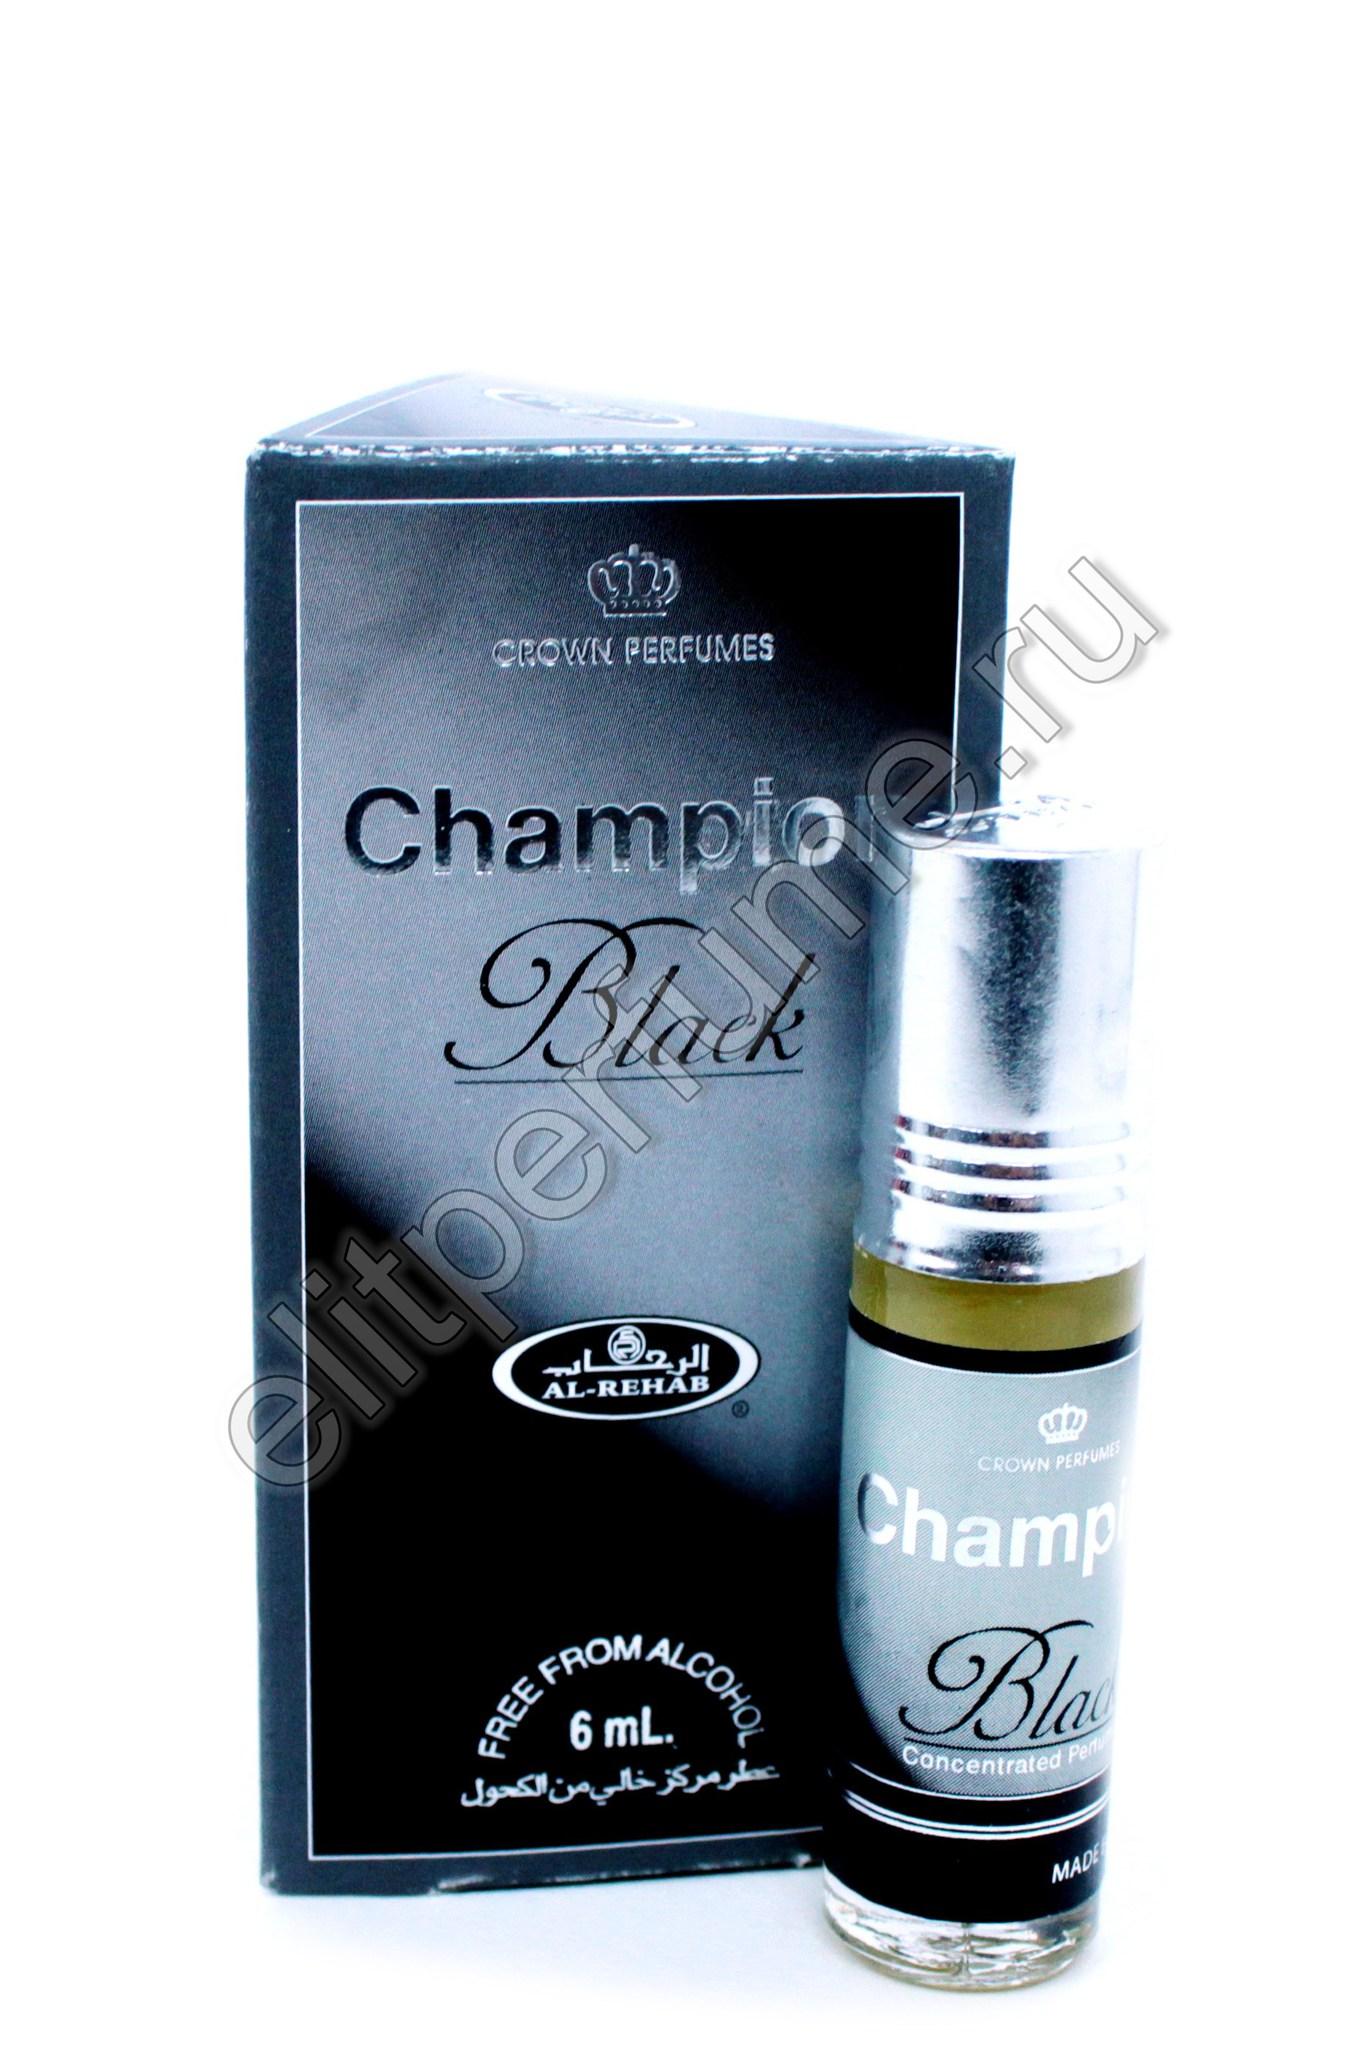 Champion Black Чемпион Блек 6 мл арабские мужские масляные духи от Аль Рехаб Al Rehab